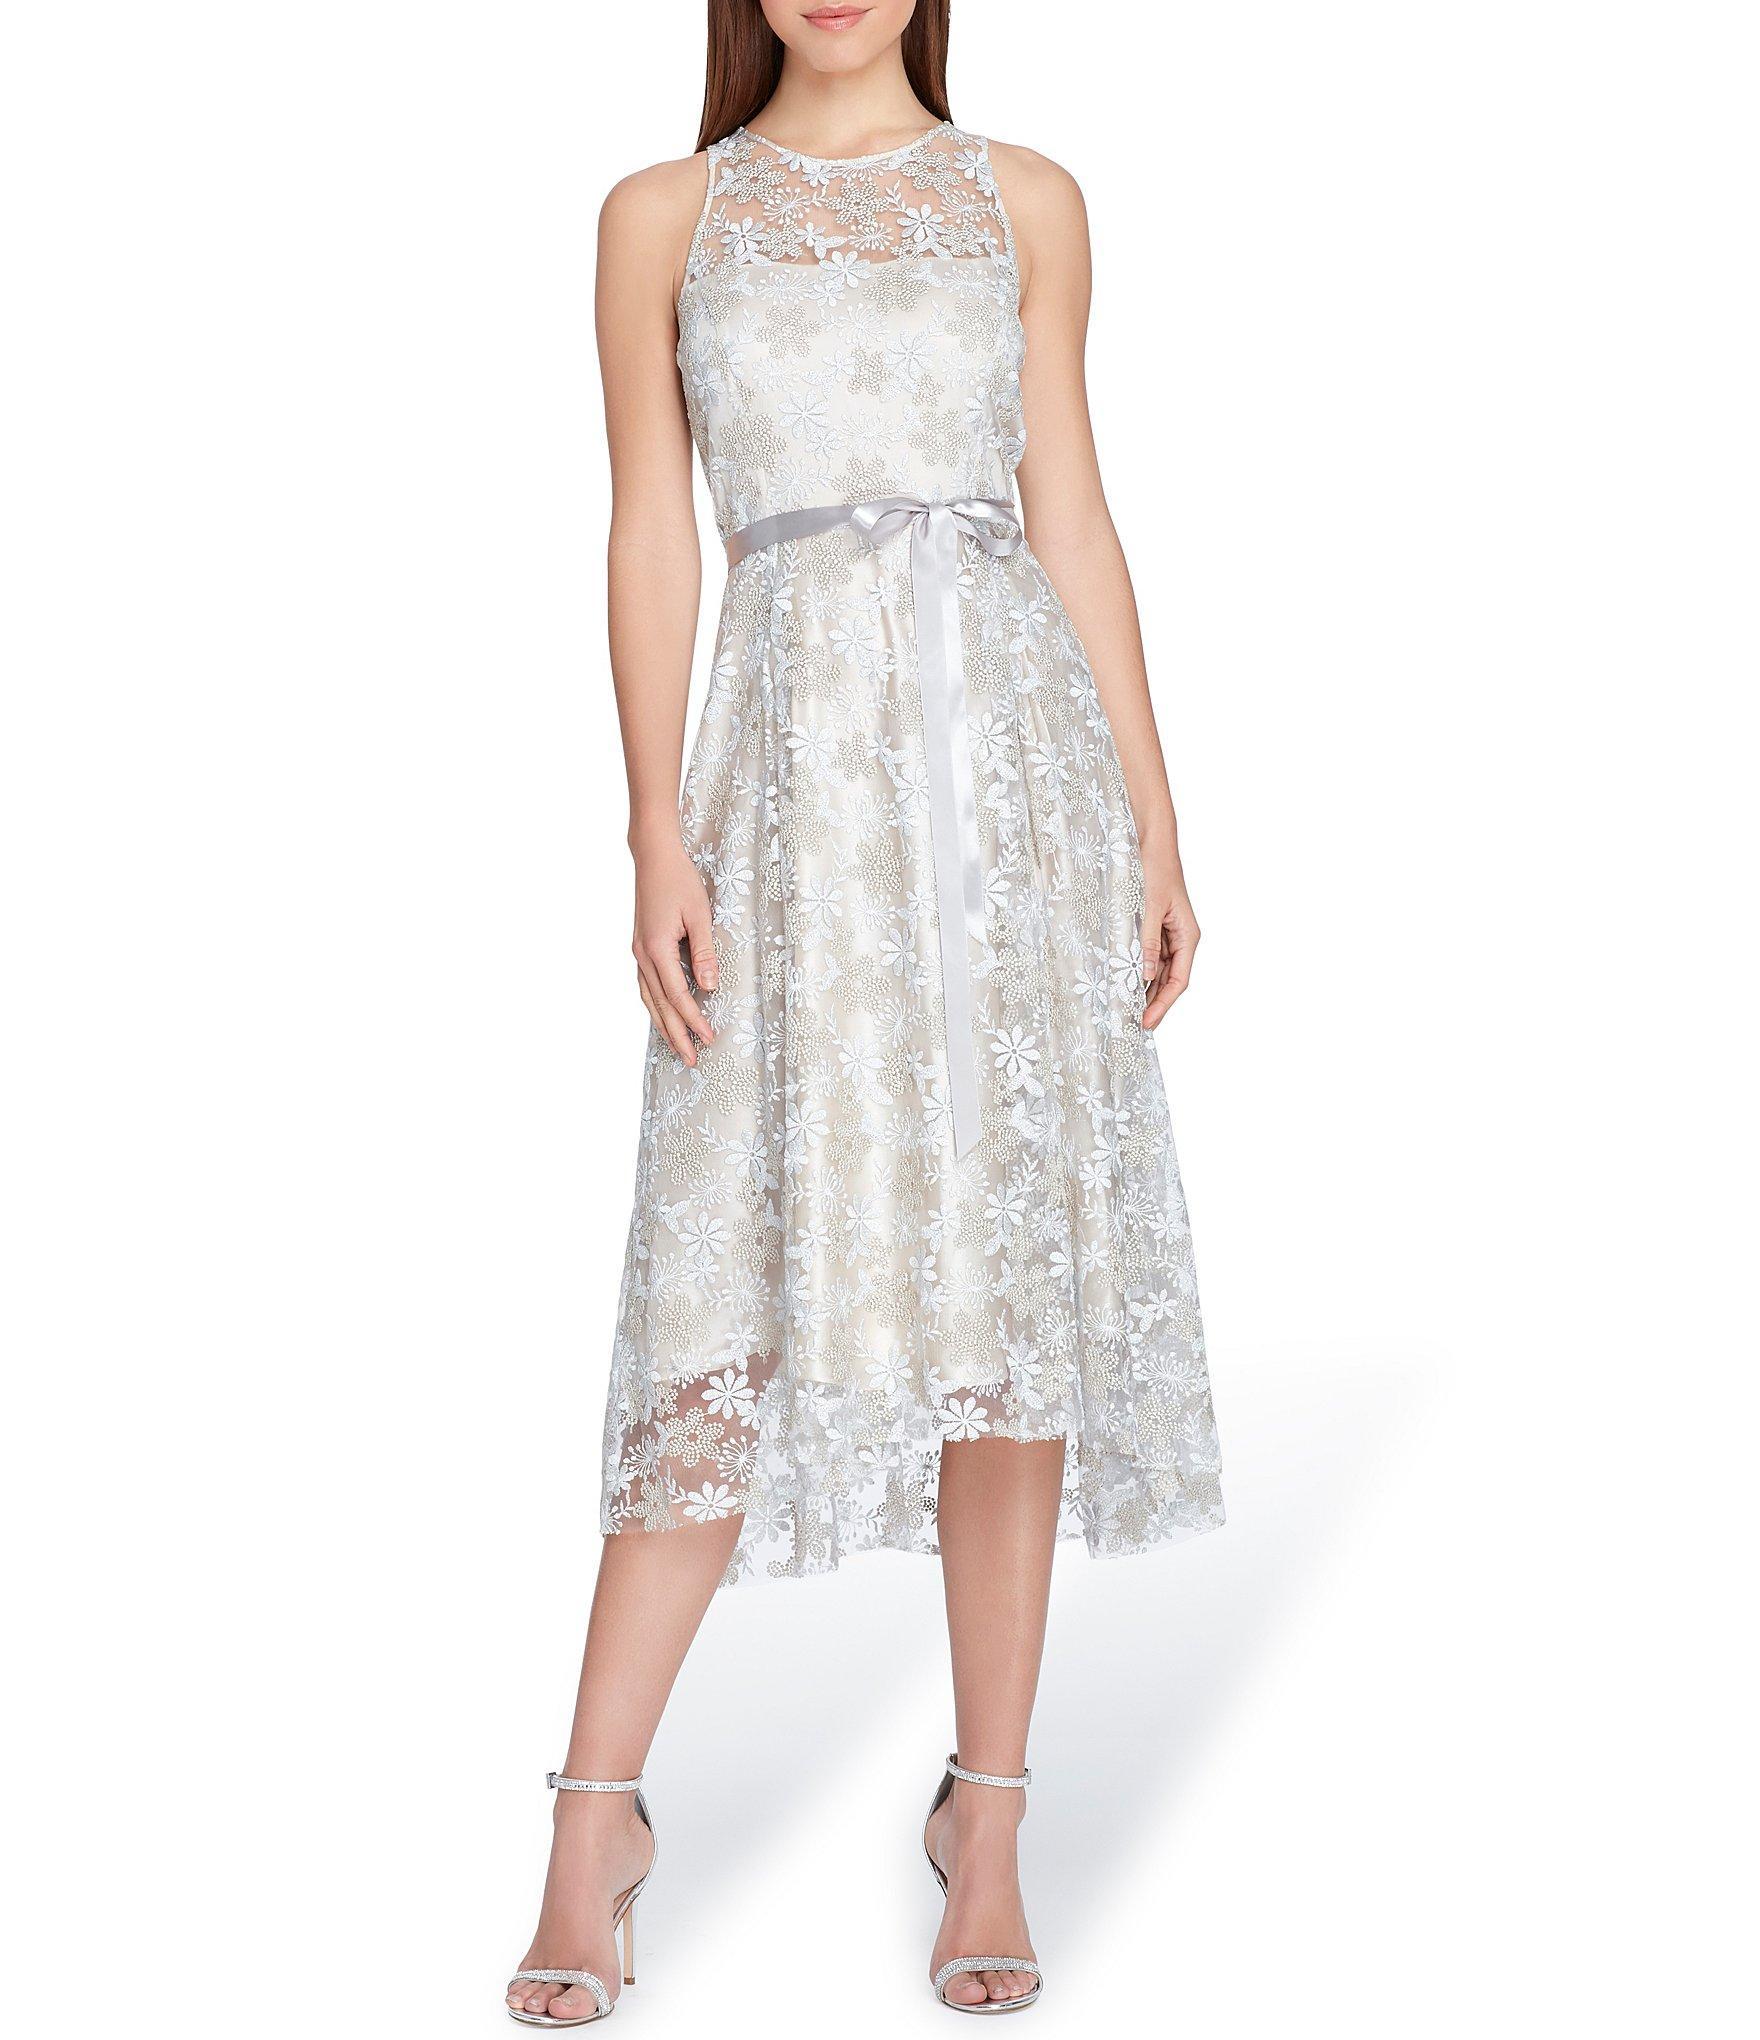 3c8f245b Lyst - Tahari Embroidered Fit & Flare Dress in Metallic